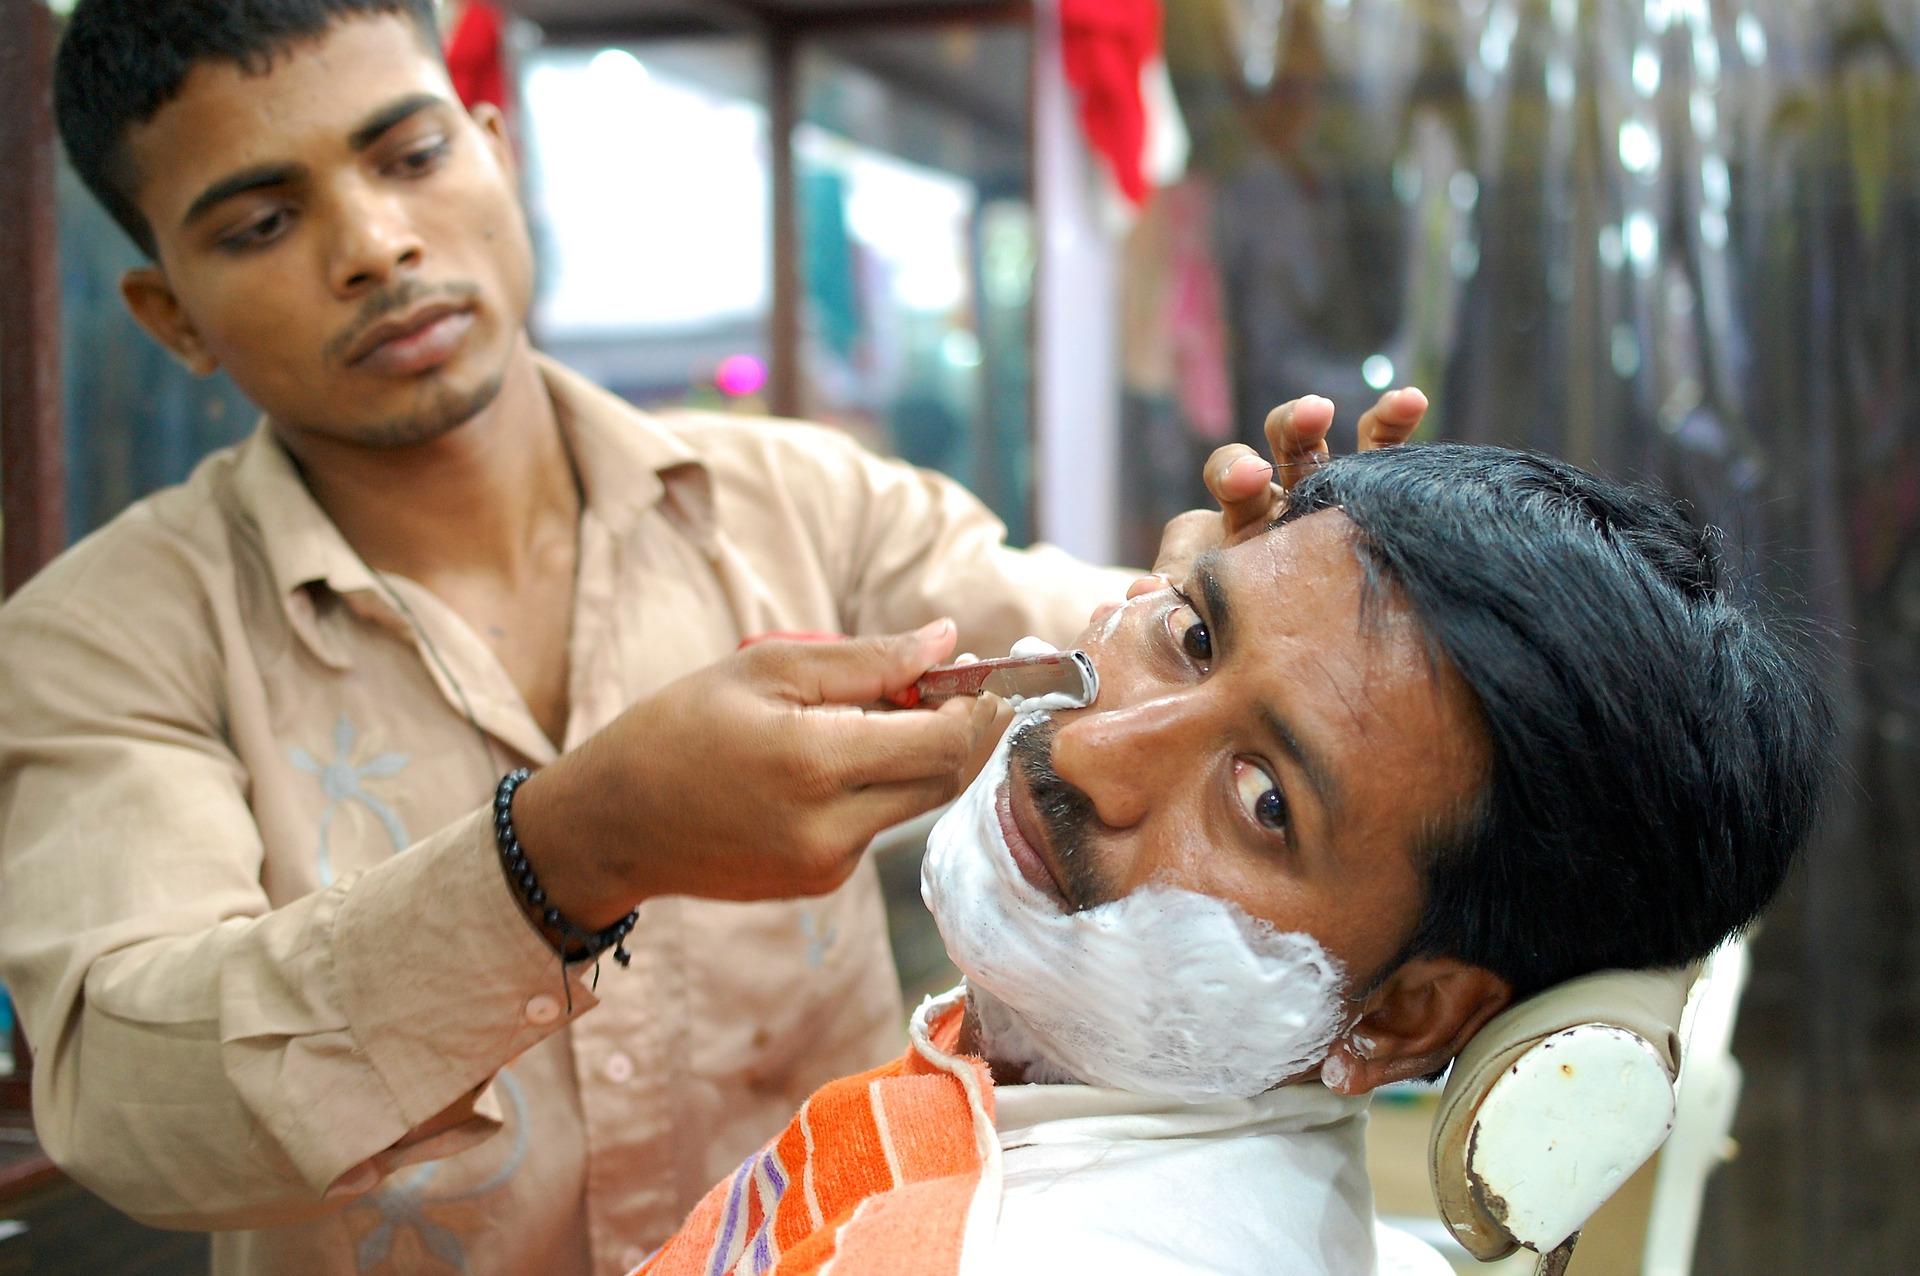 Jak na to? - několik rad jak se správně oholit